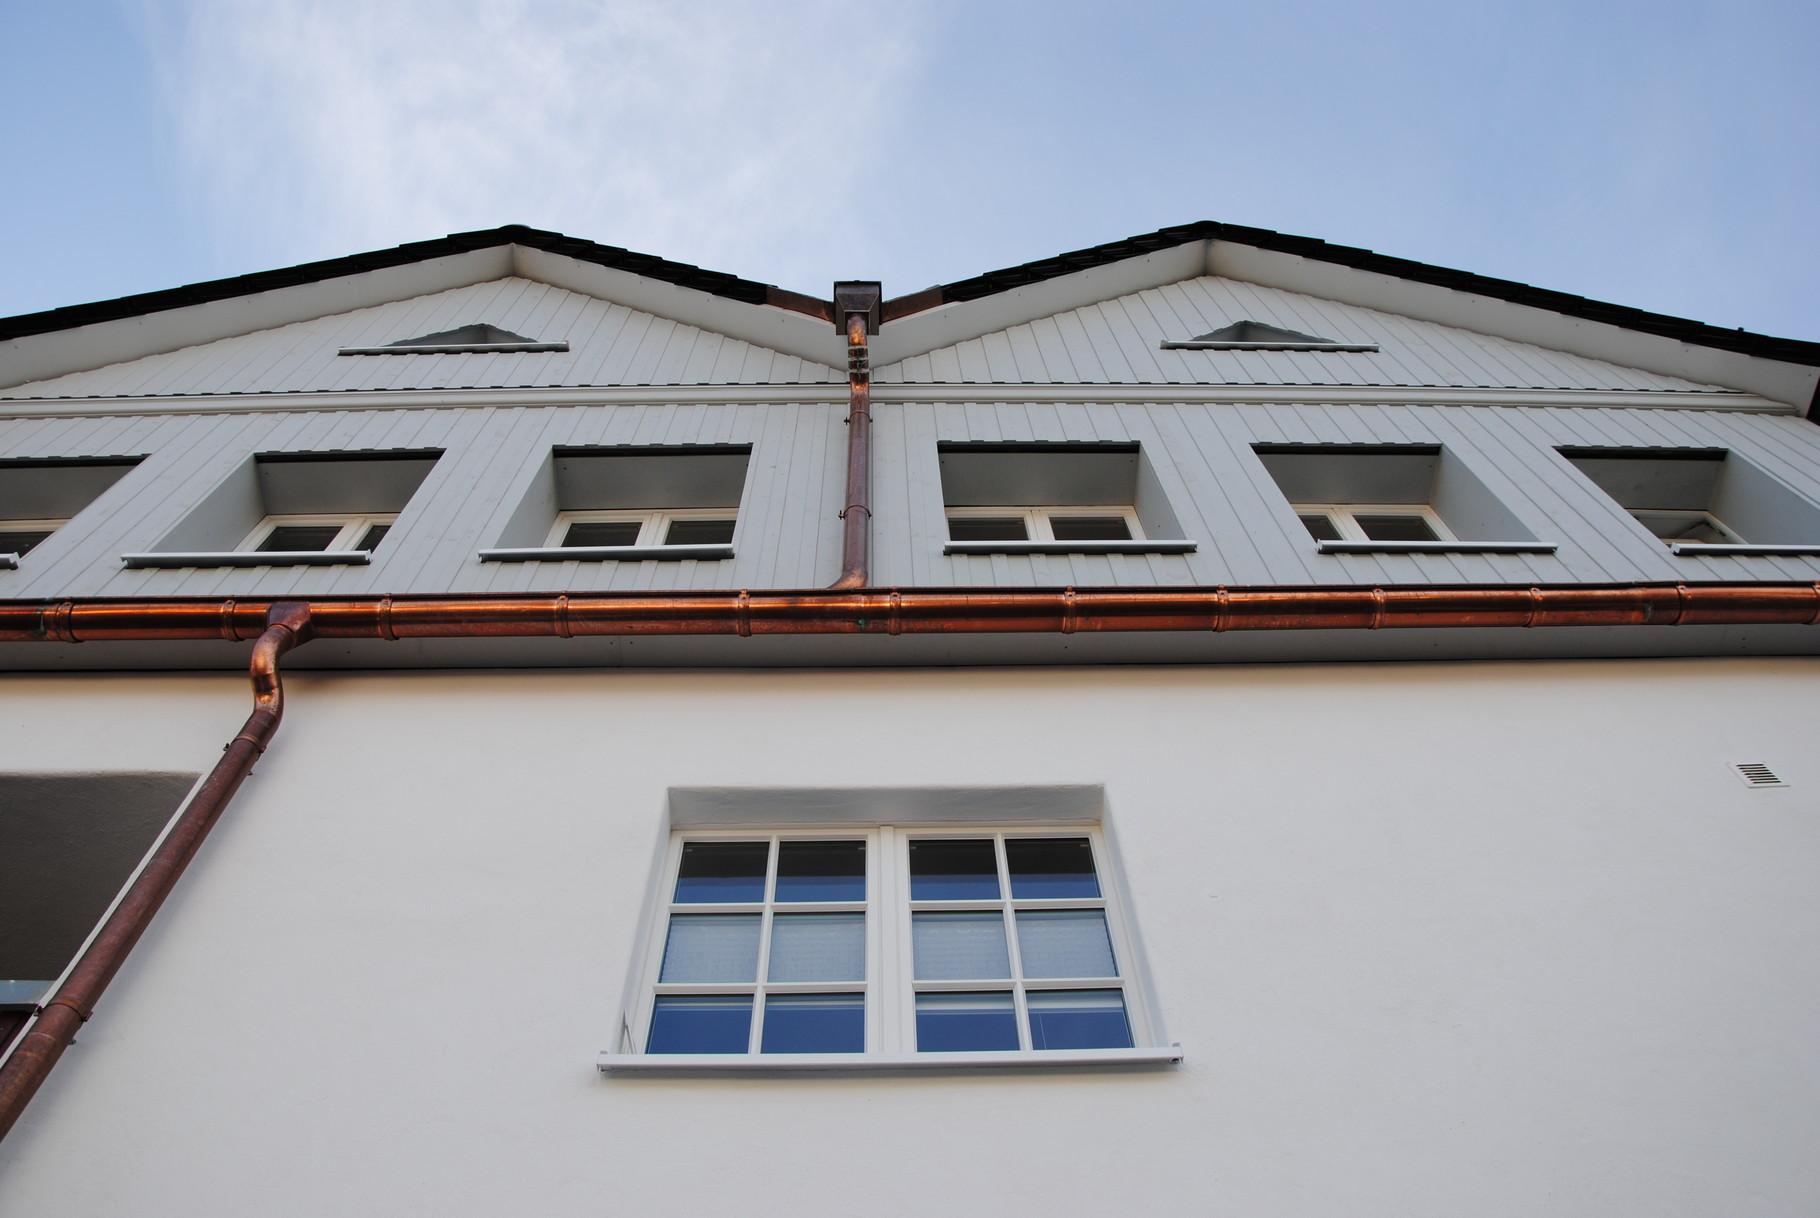 ... verkleide Teile der Fassade mit Holz ...